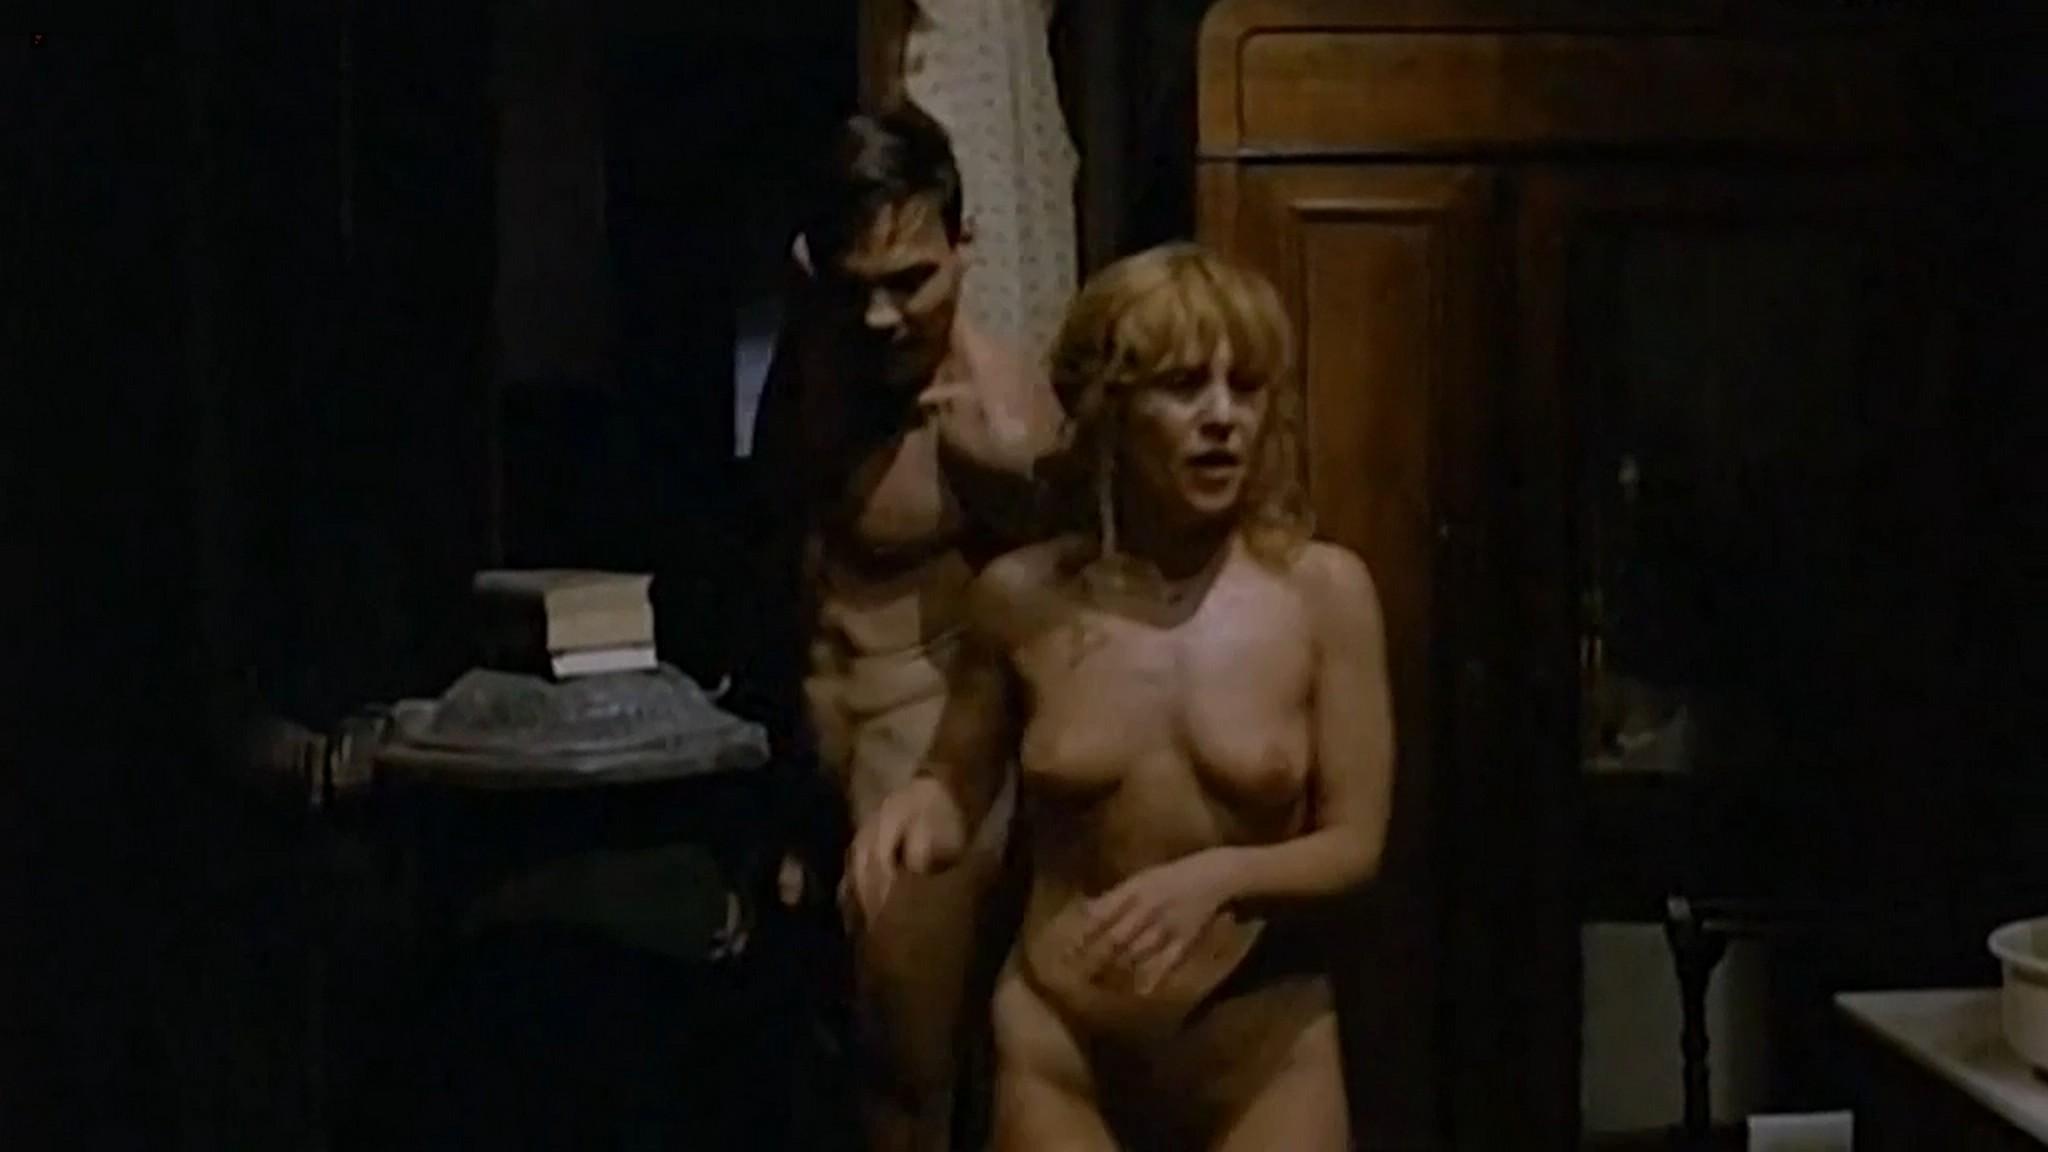 Silvia Janisch nude bush Cristel Braak full frontal Fabian DE 1980 3